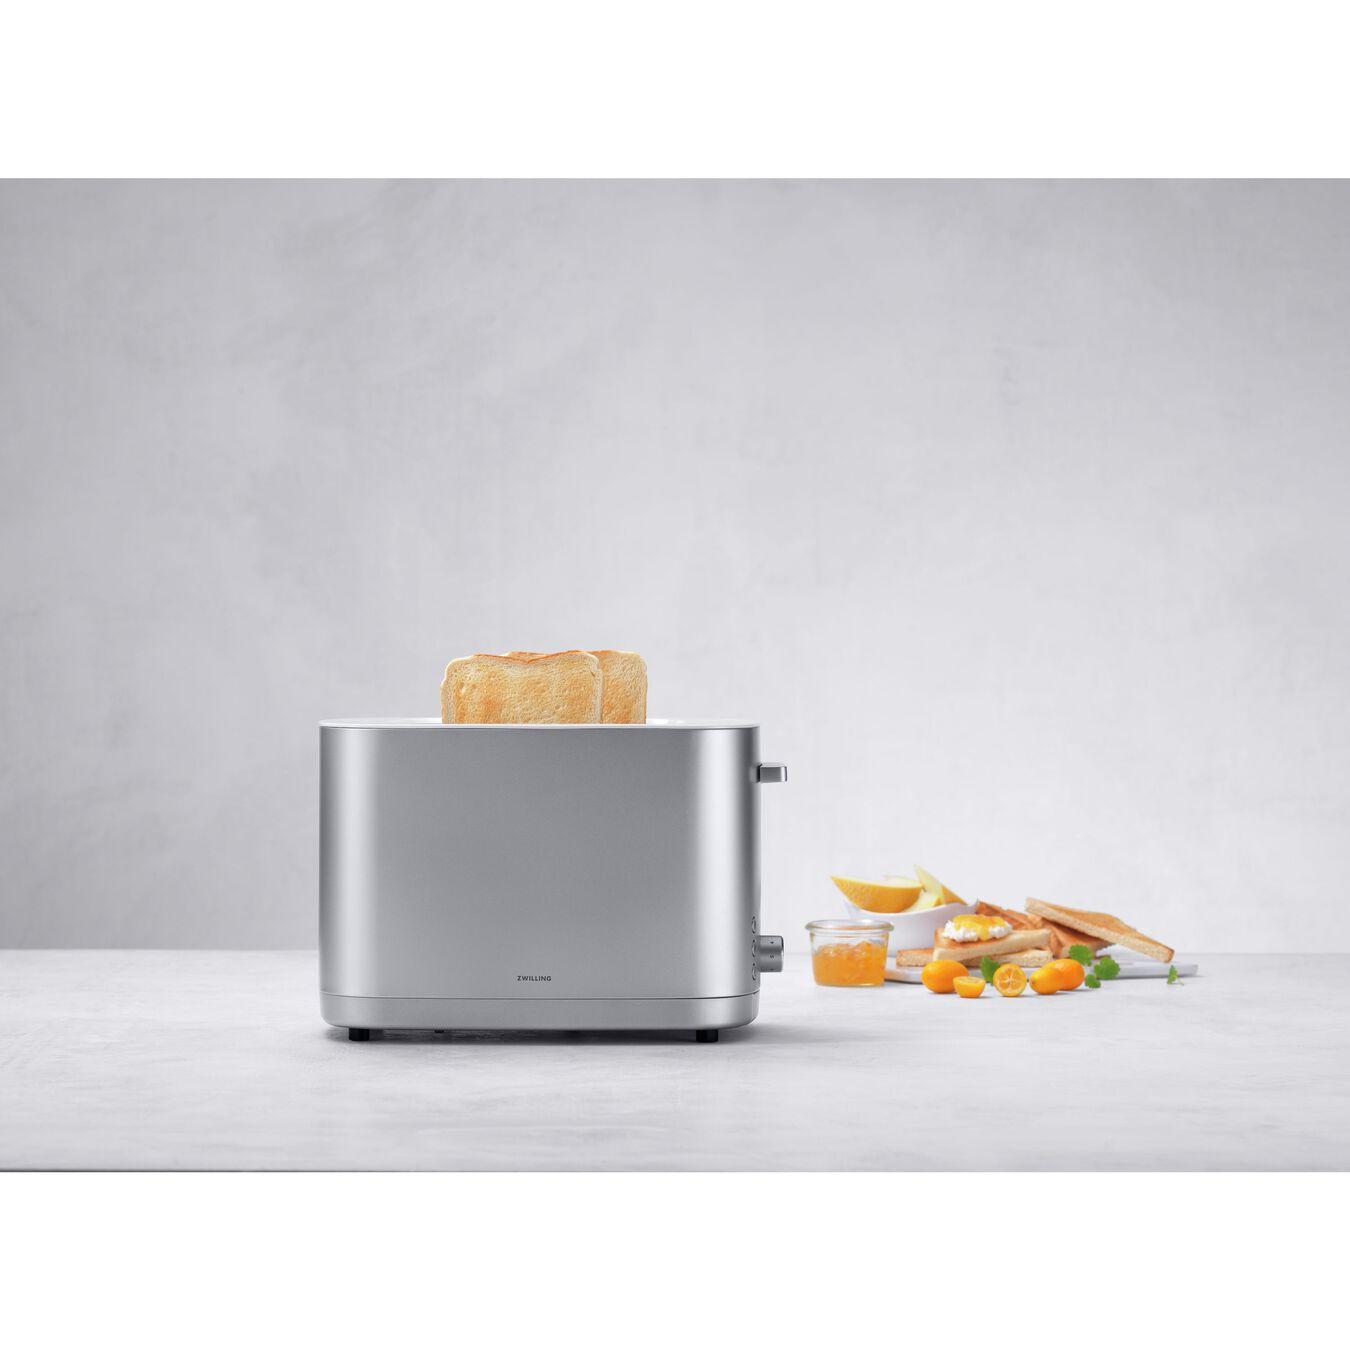 Toaster mit Brötchenaufsatz, 2 Schlitze kurz, Silber,,large 3